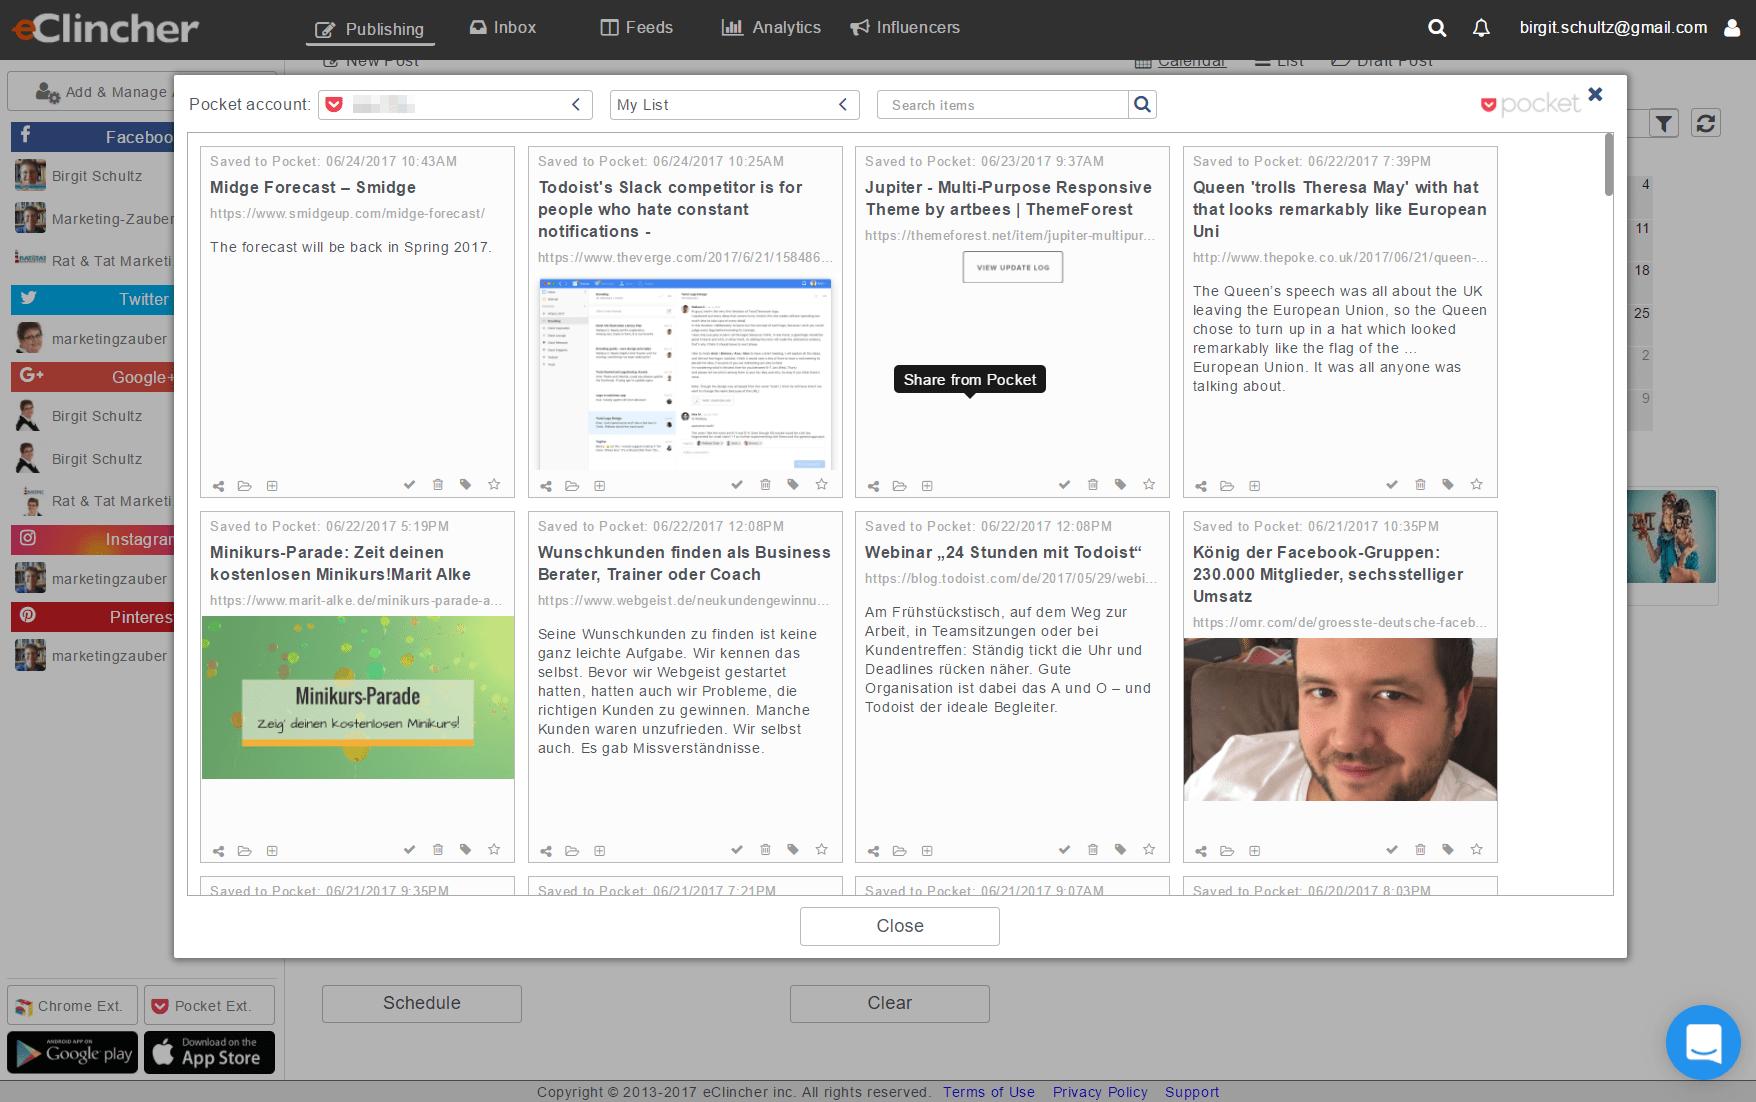 eClincher und Pocket-Integration - Screenshot